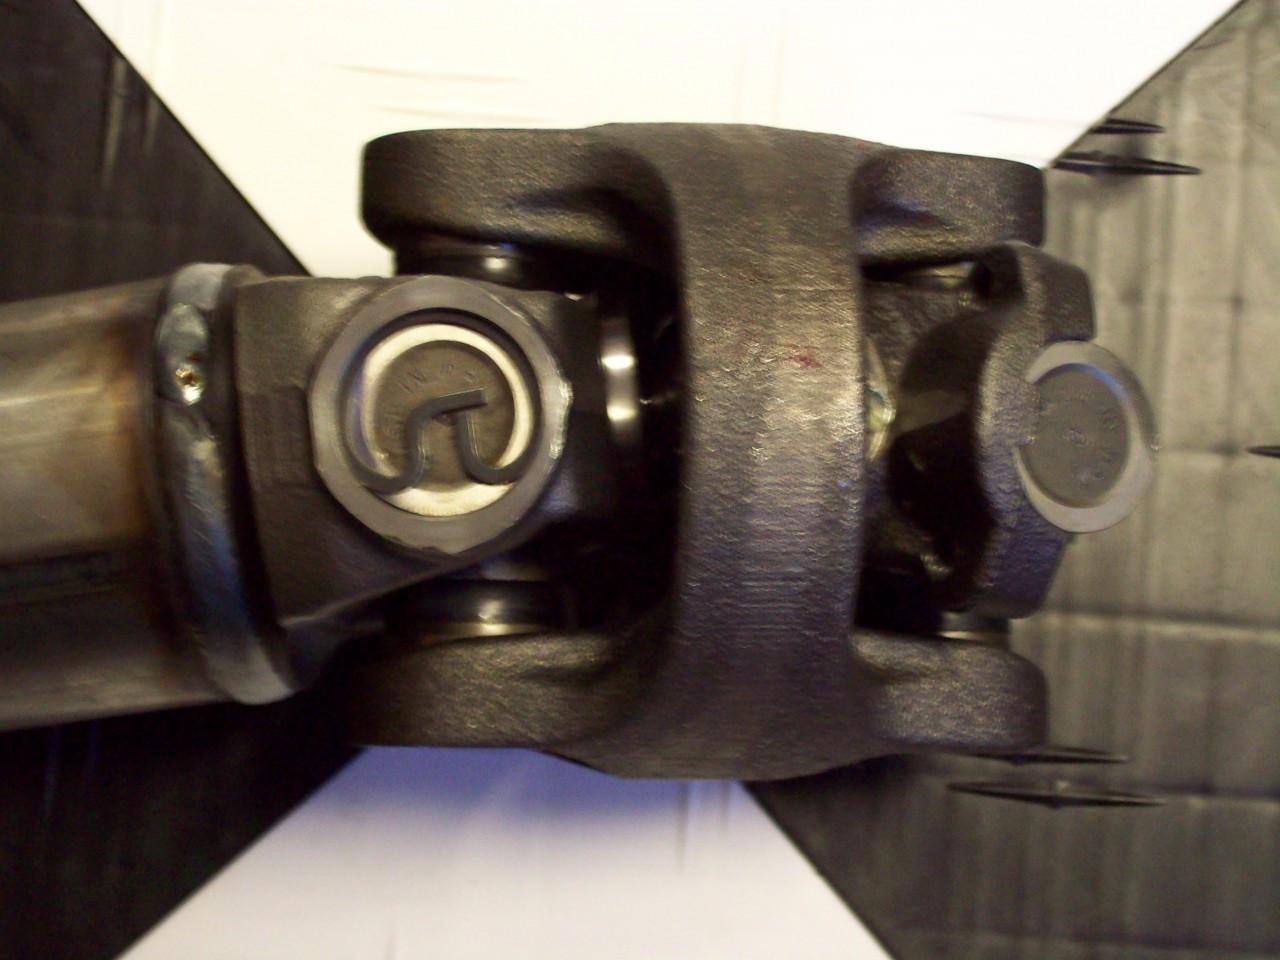 Adams Driveshaft TJ-F-1310-CV Front 1310 CV Driveshaft for Wrangler TJ Non-Rubicon 1997-2006